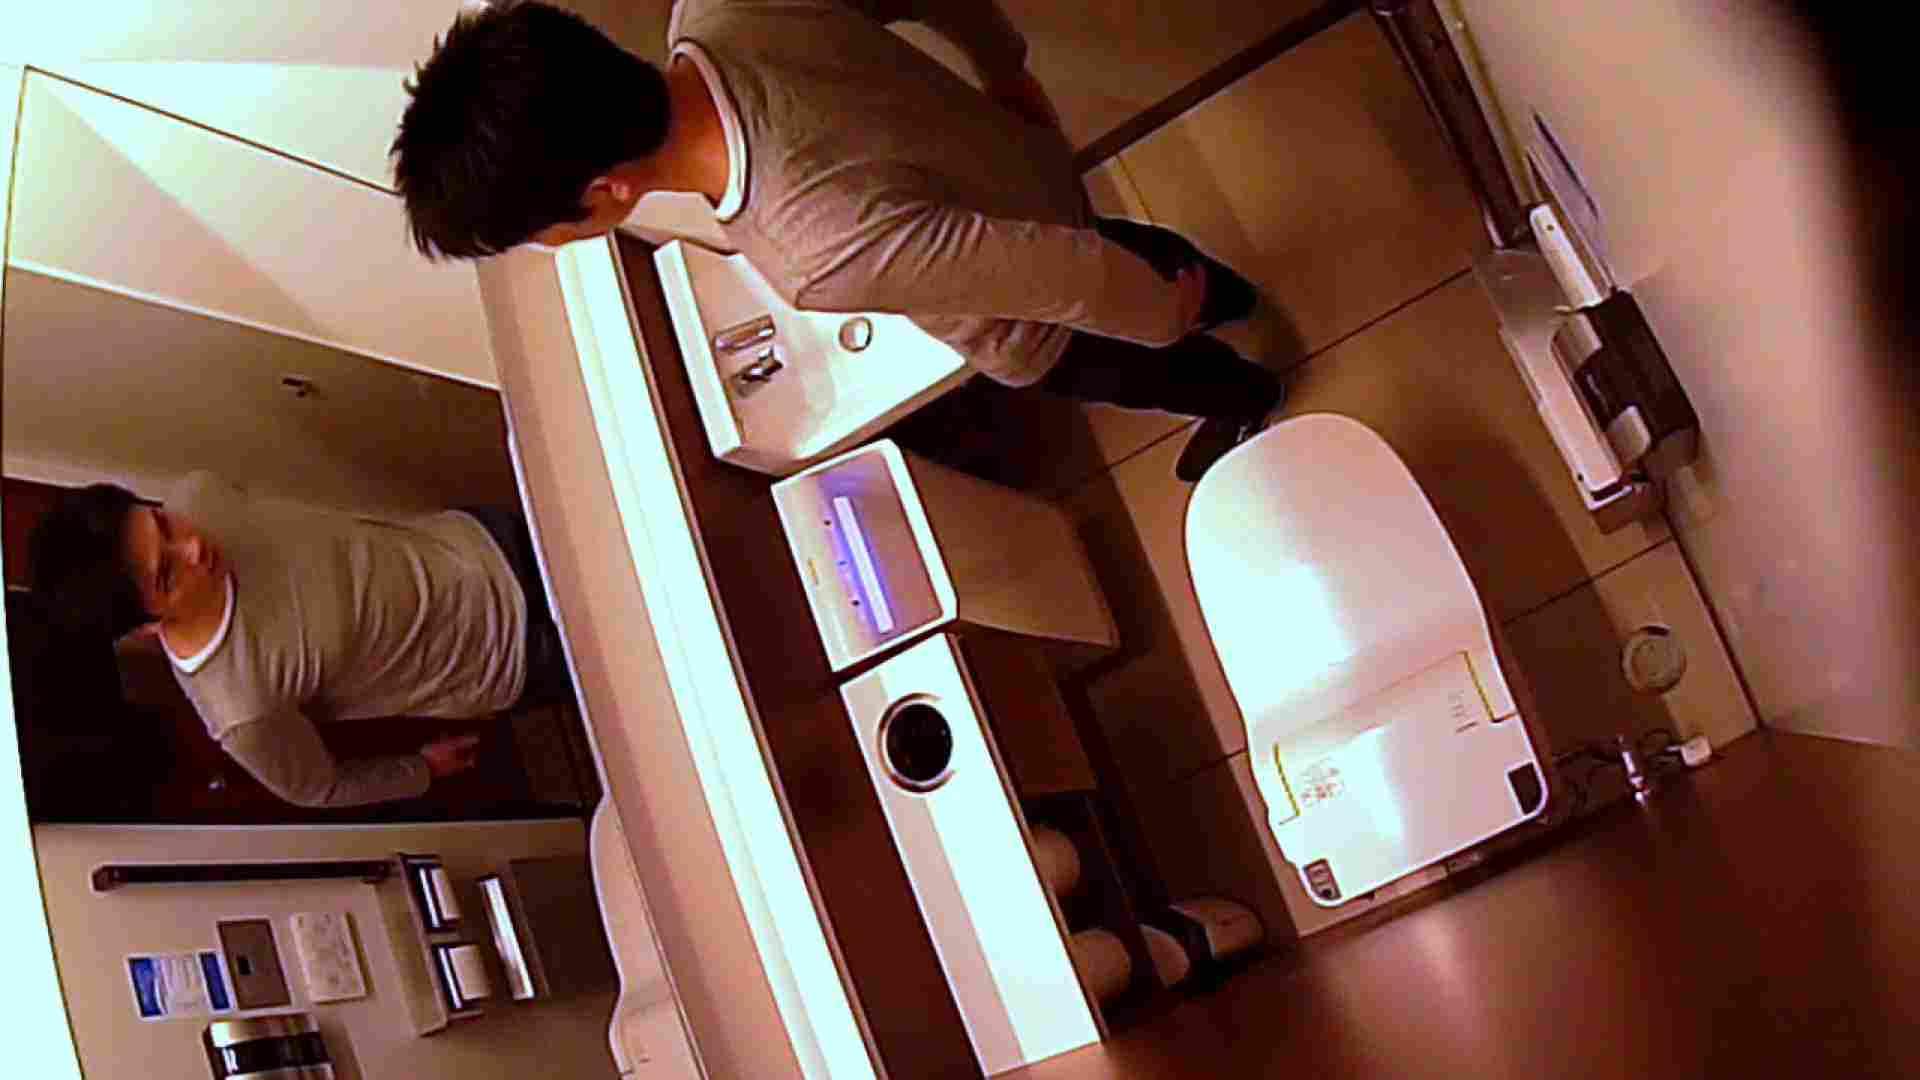 すみませんが覗かせてください Vol.30 トイレ | 0  100連発 9